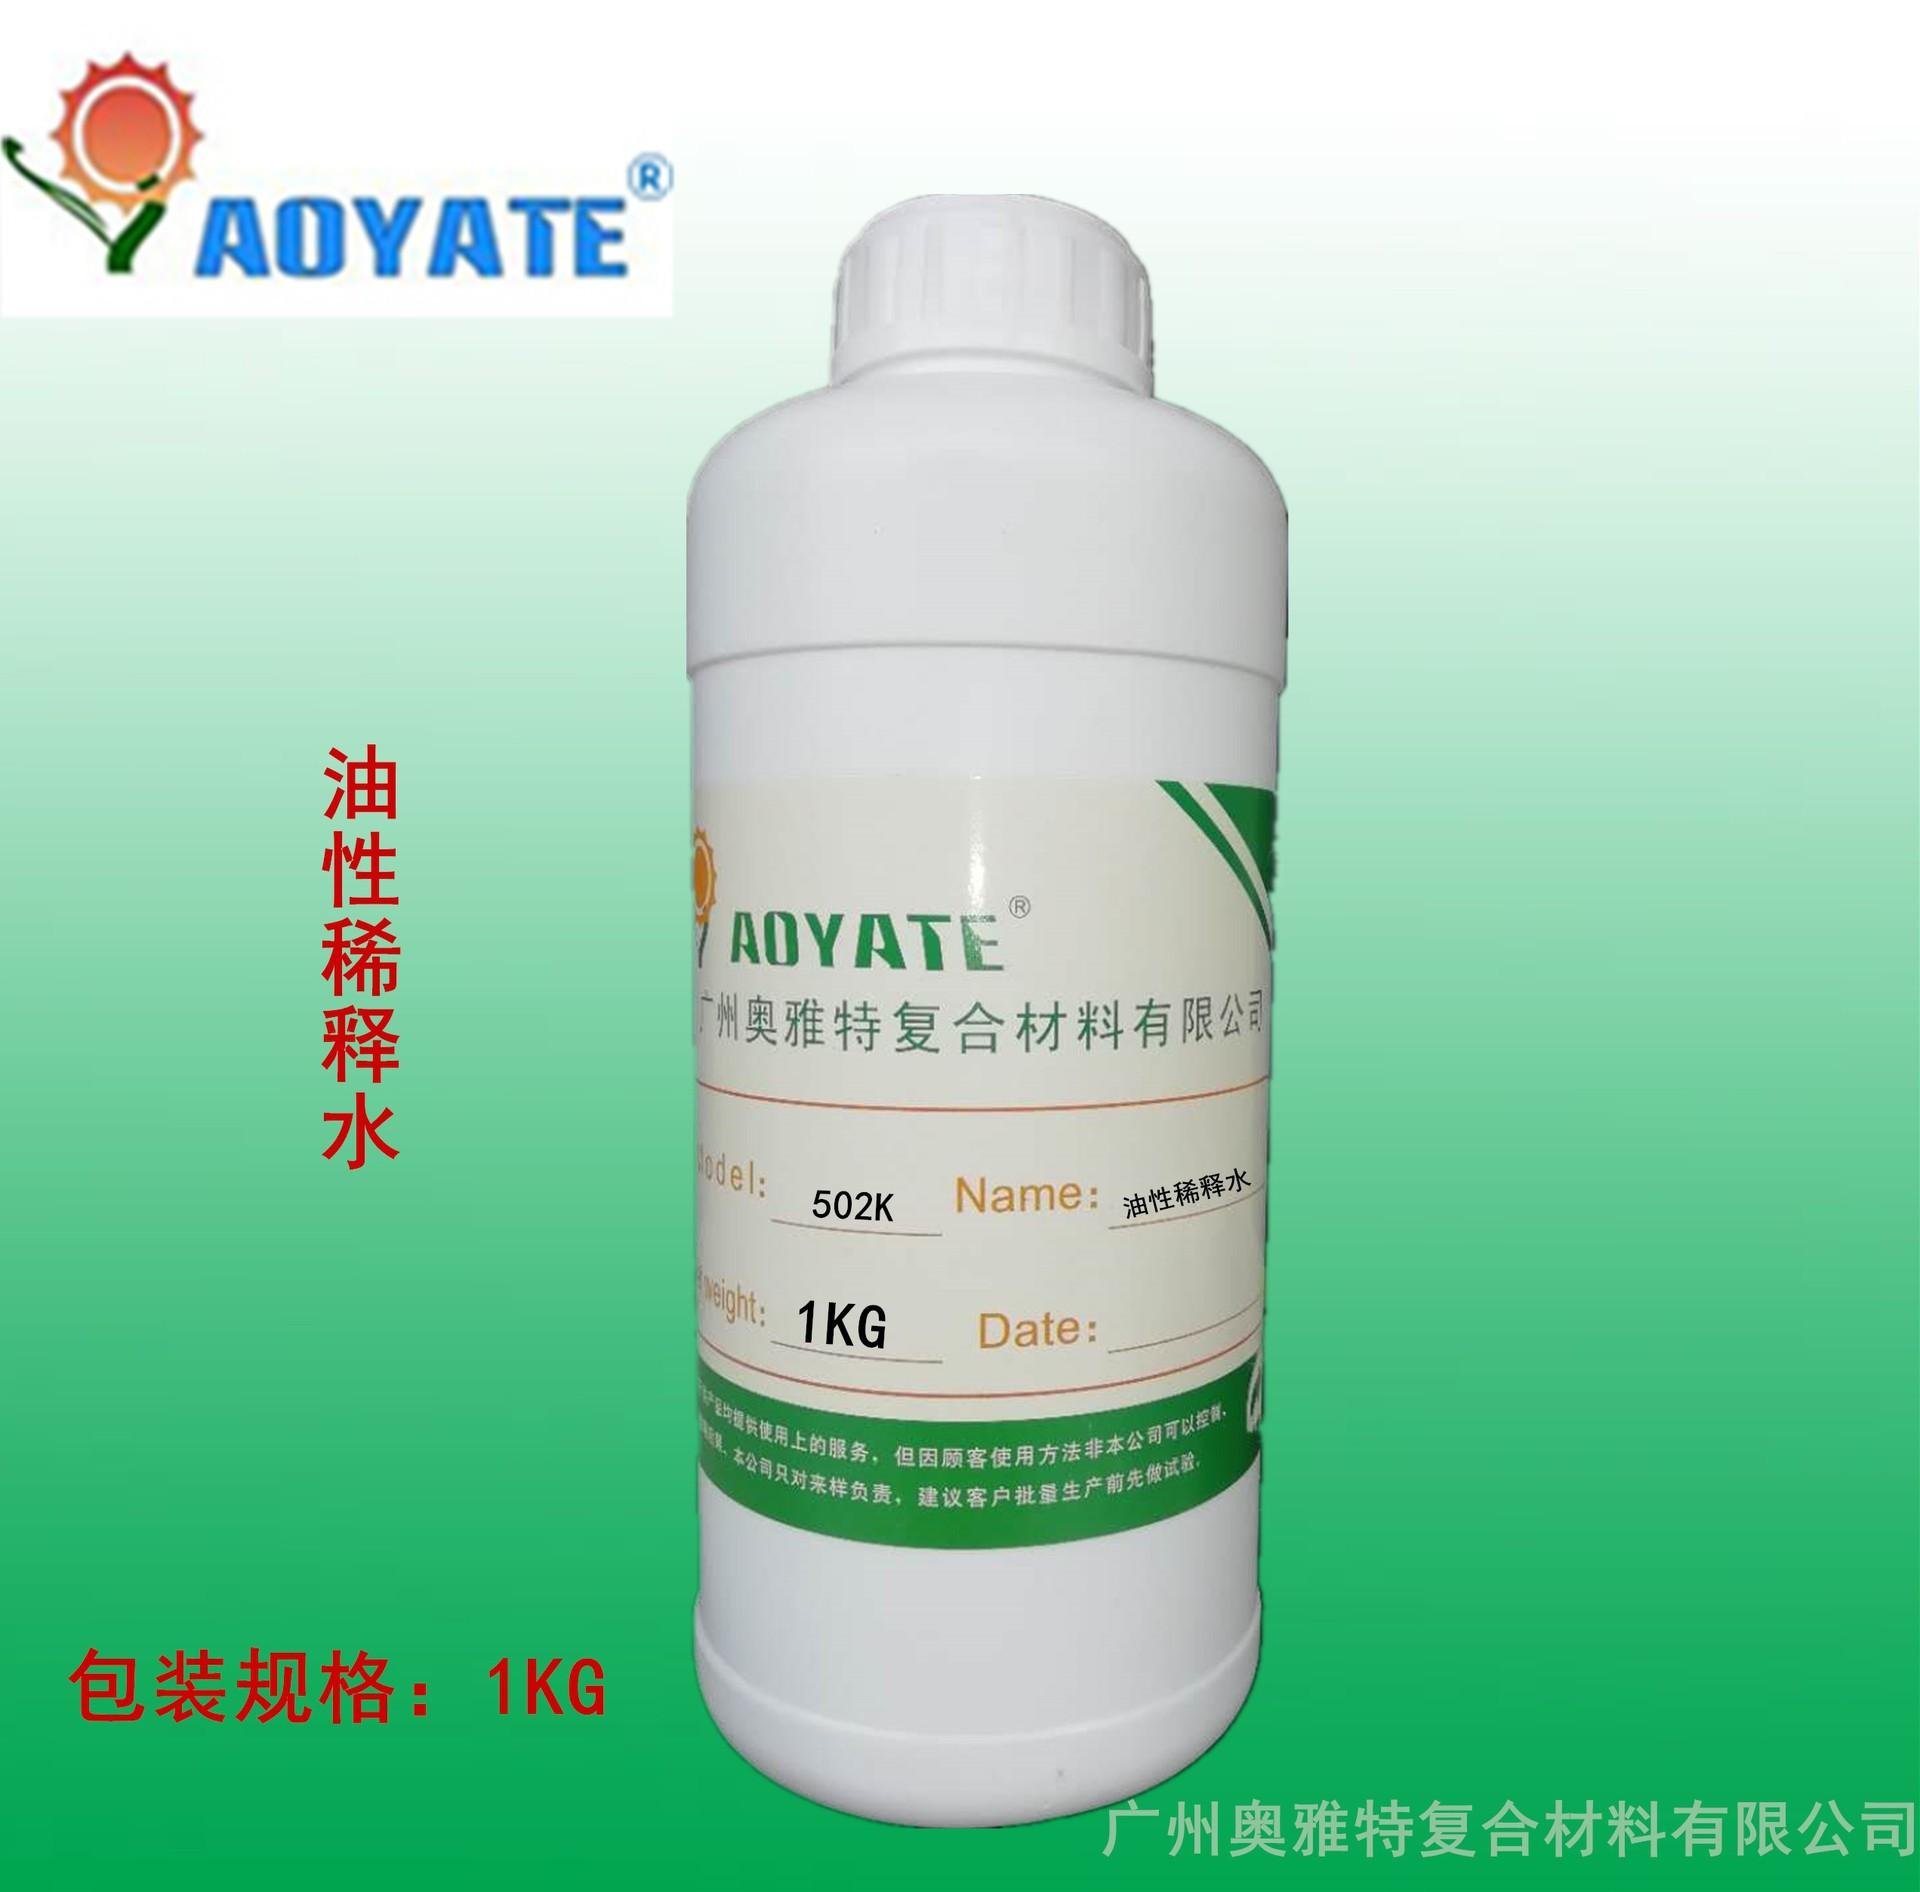 AOYATE奥雅特 油性稀释水 油性稀释剂 批发零售502K